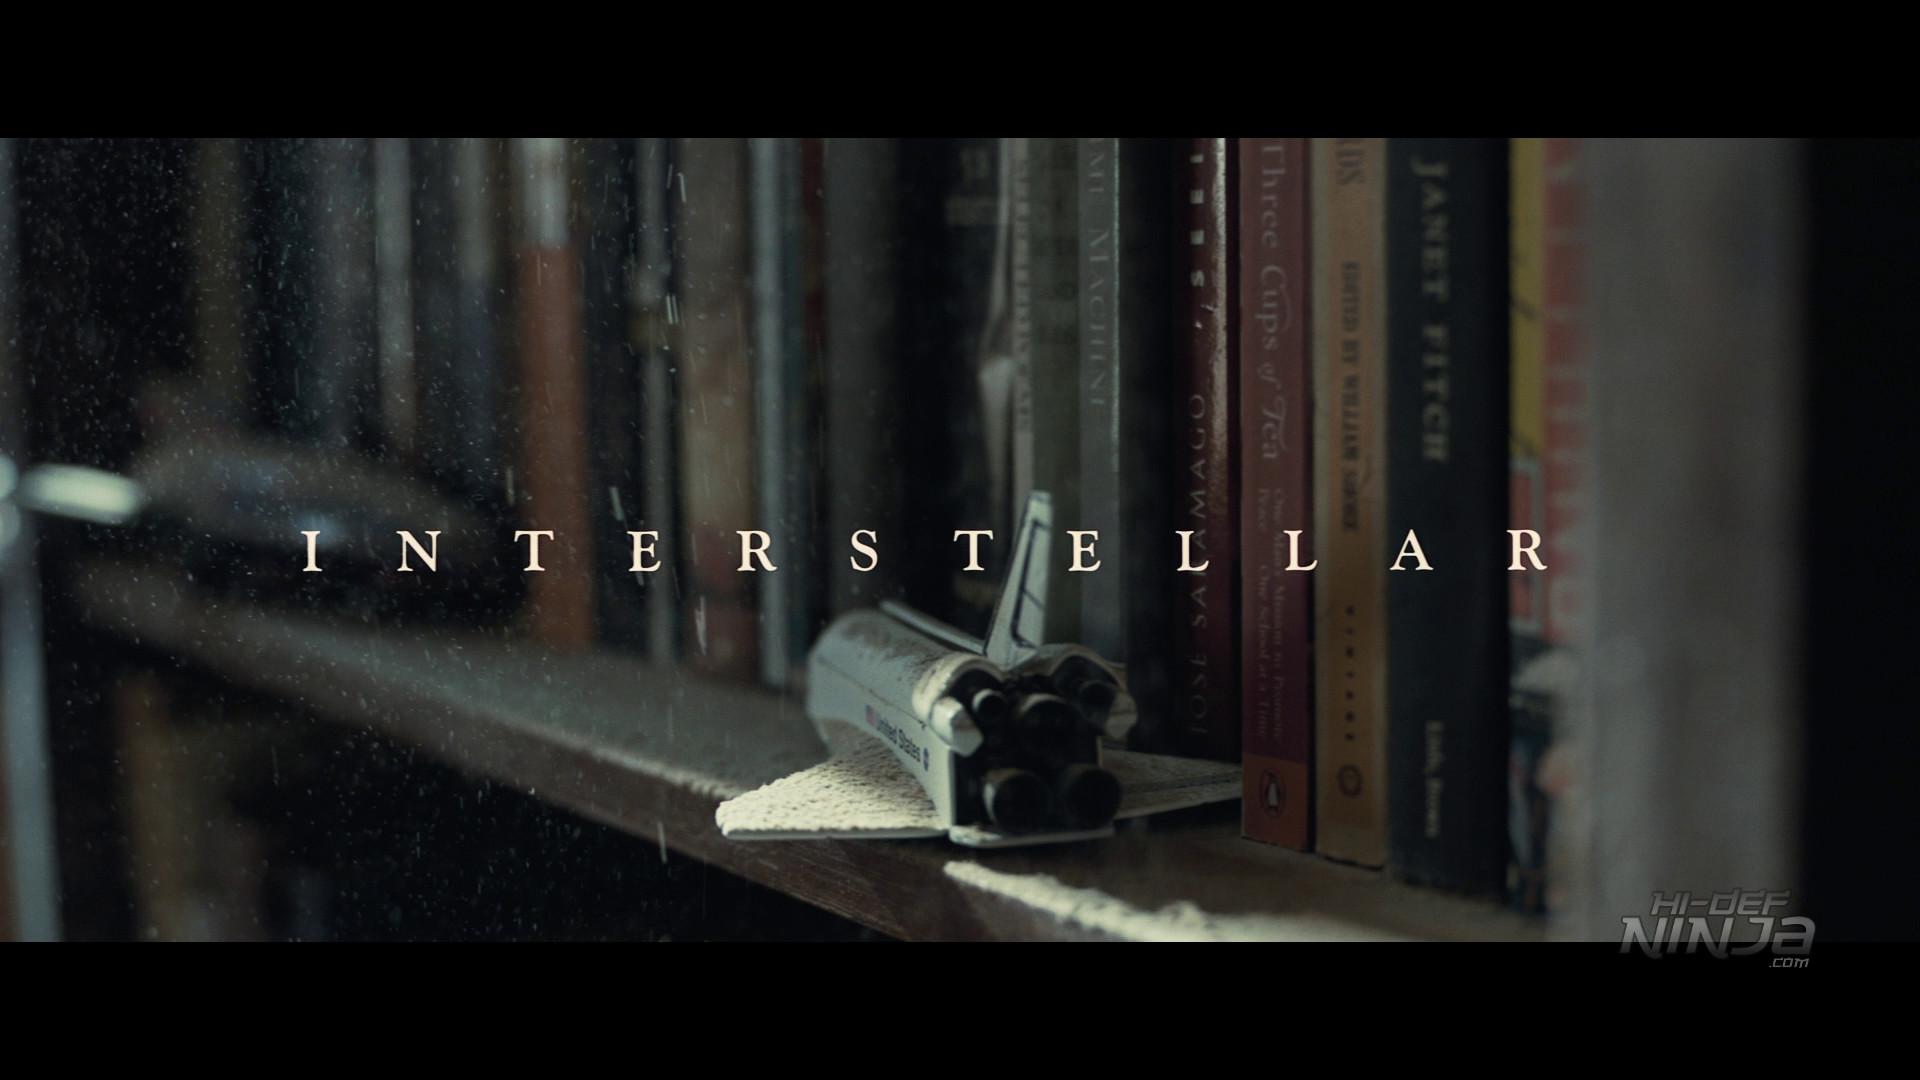 INTERSTELLAR Blu-ray Review | Hi-Def Ninja – Blu-ray SteelBooks – Pop .